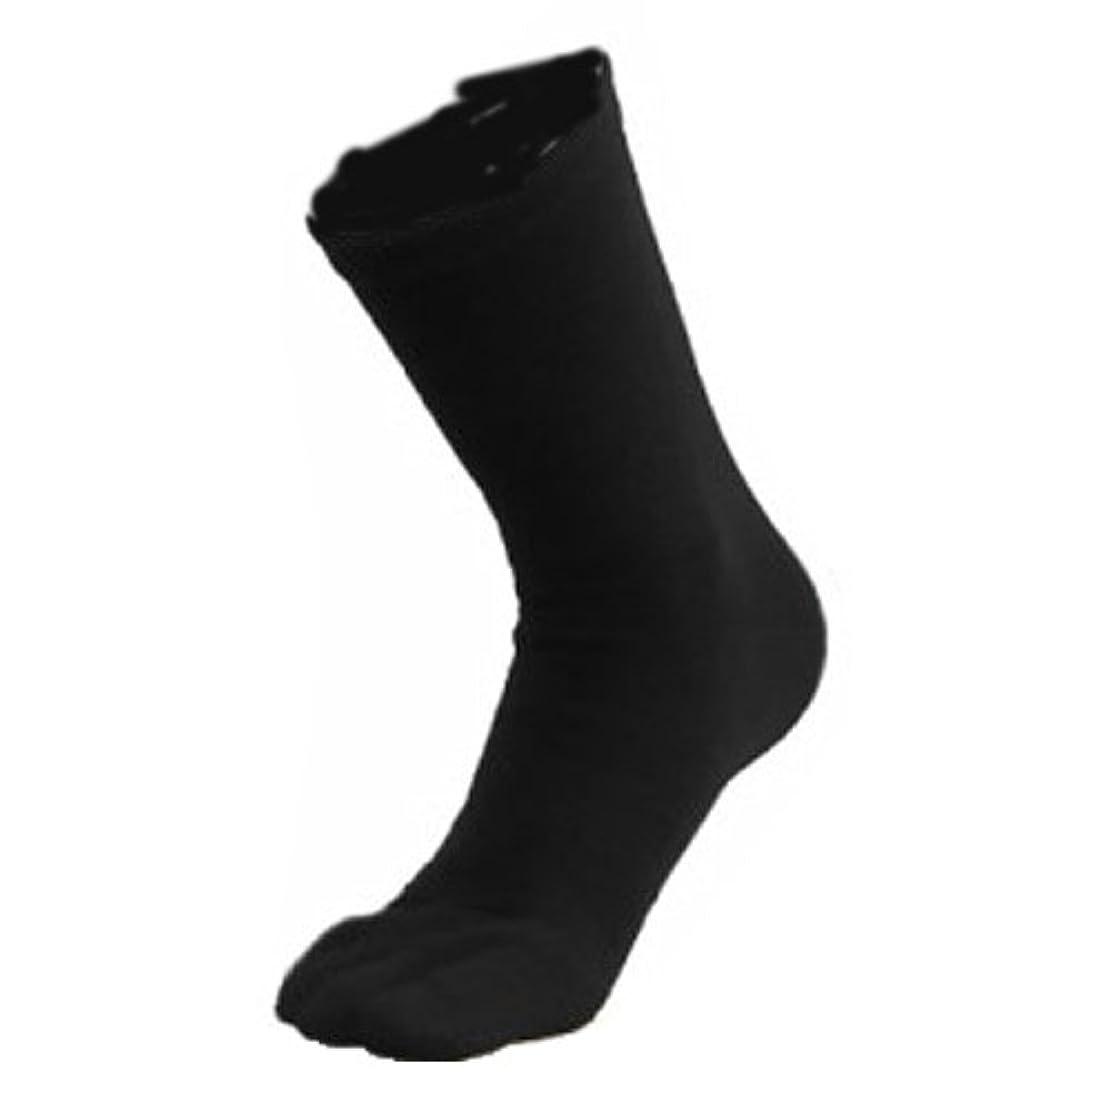 いつも繰り返すマーケティング指先まであったか靴下 ブラック×ブラック